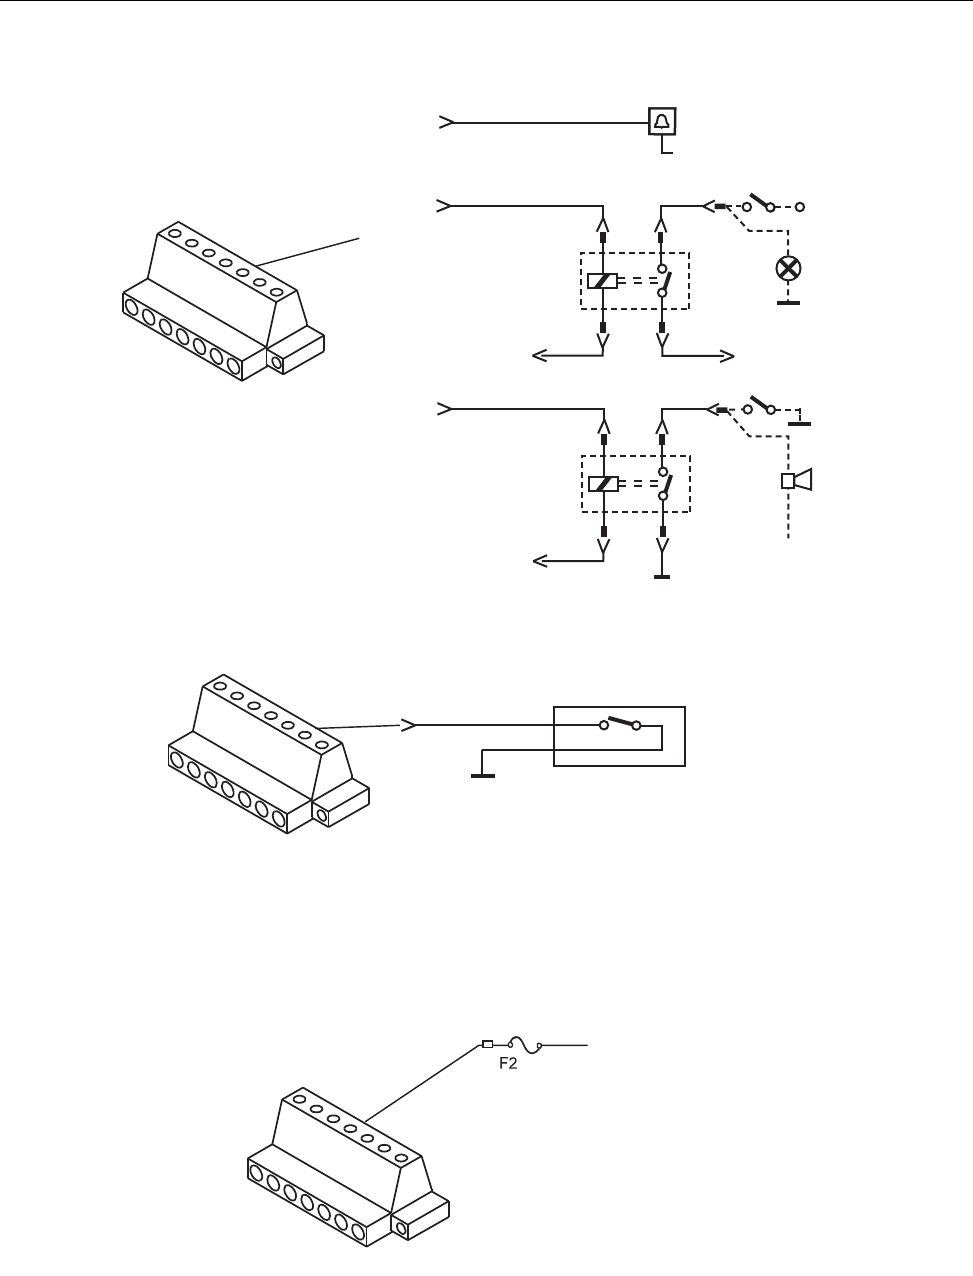 MTM800 Enhanced TETRA Mobile Terminal Installation Manual